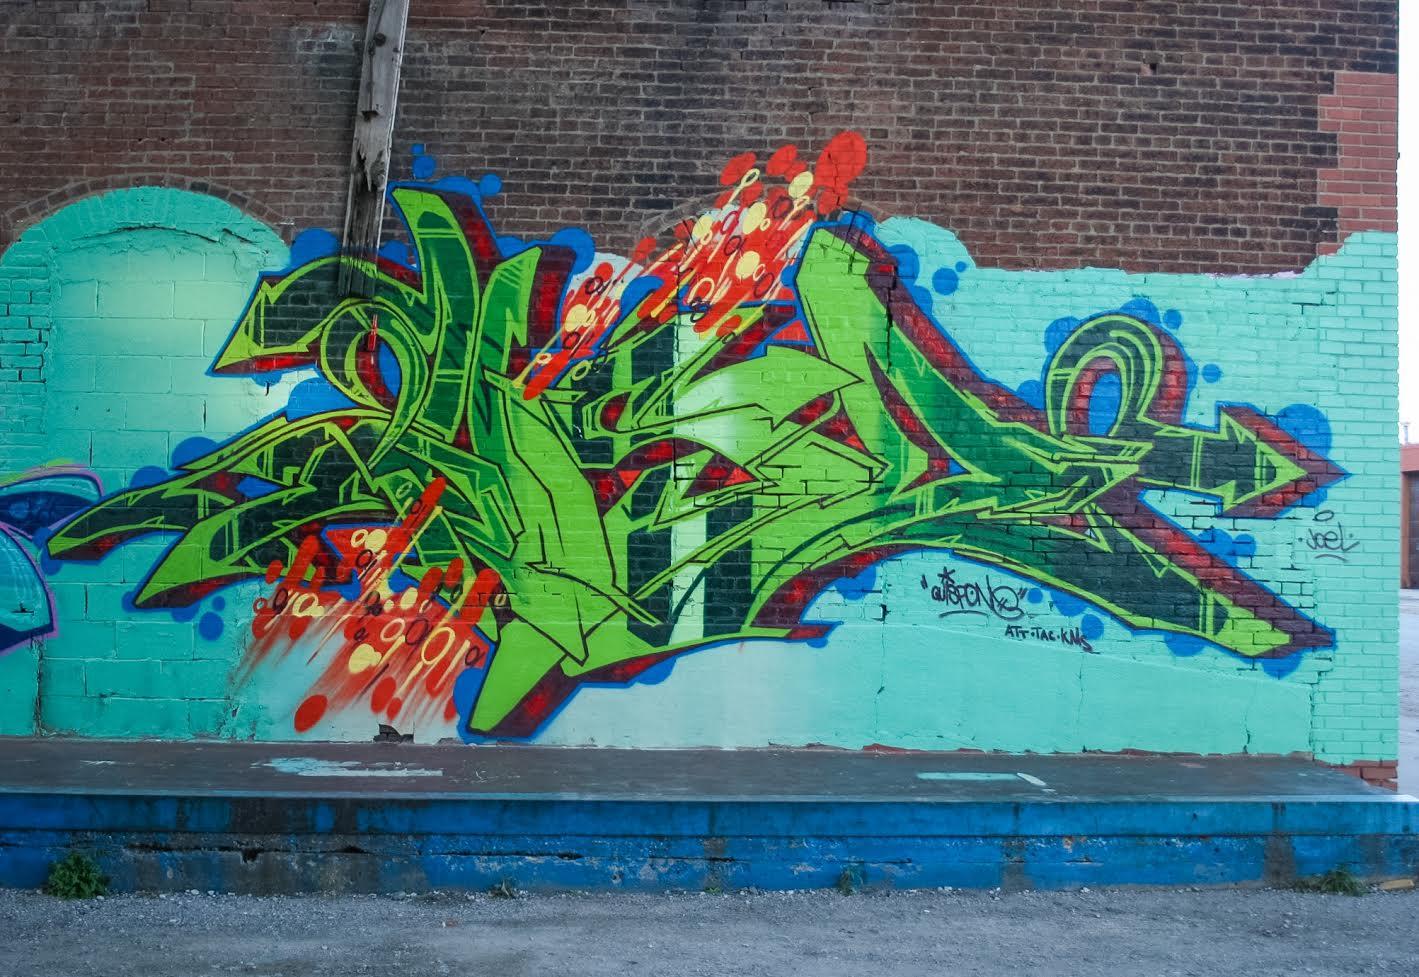 West Bottoms Street Art Tour